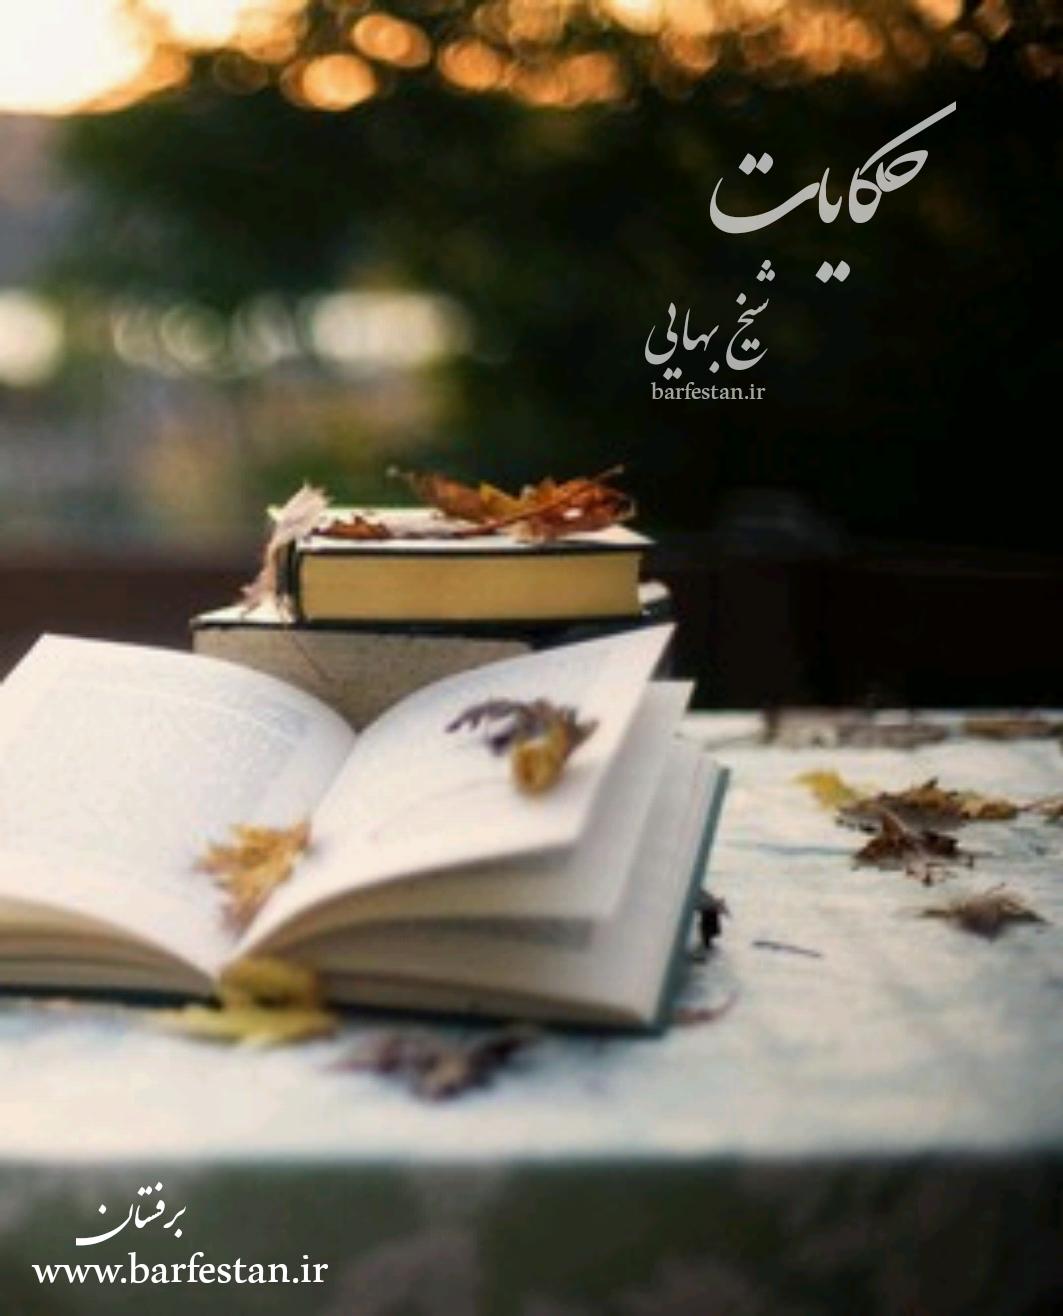 برفستان؛حکایات جالب و خواندنی؛قسمت هفتم؛شیخ بهایی